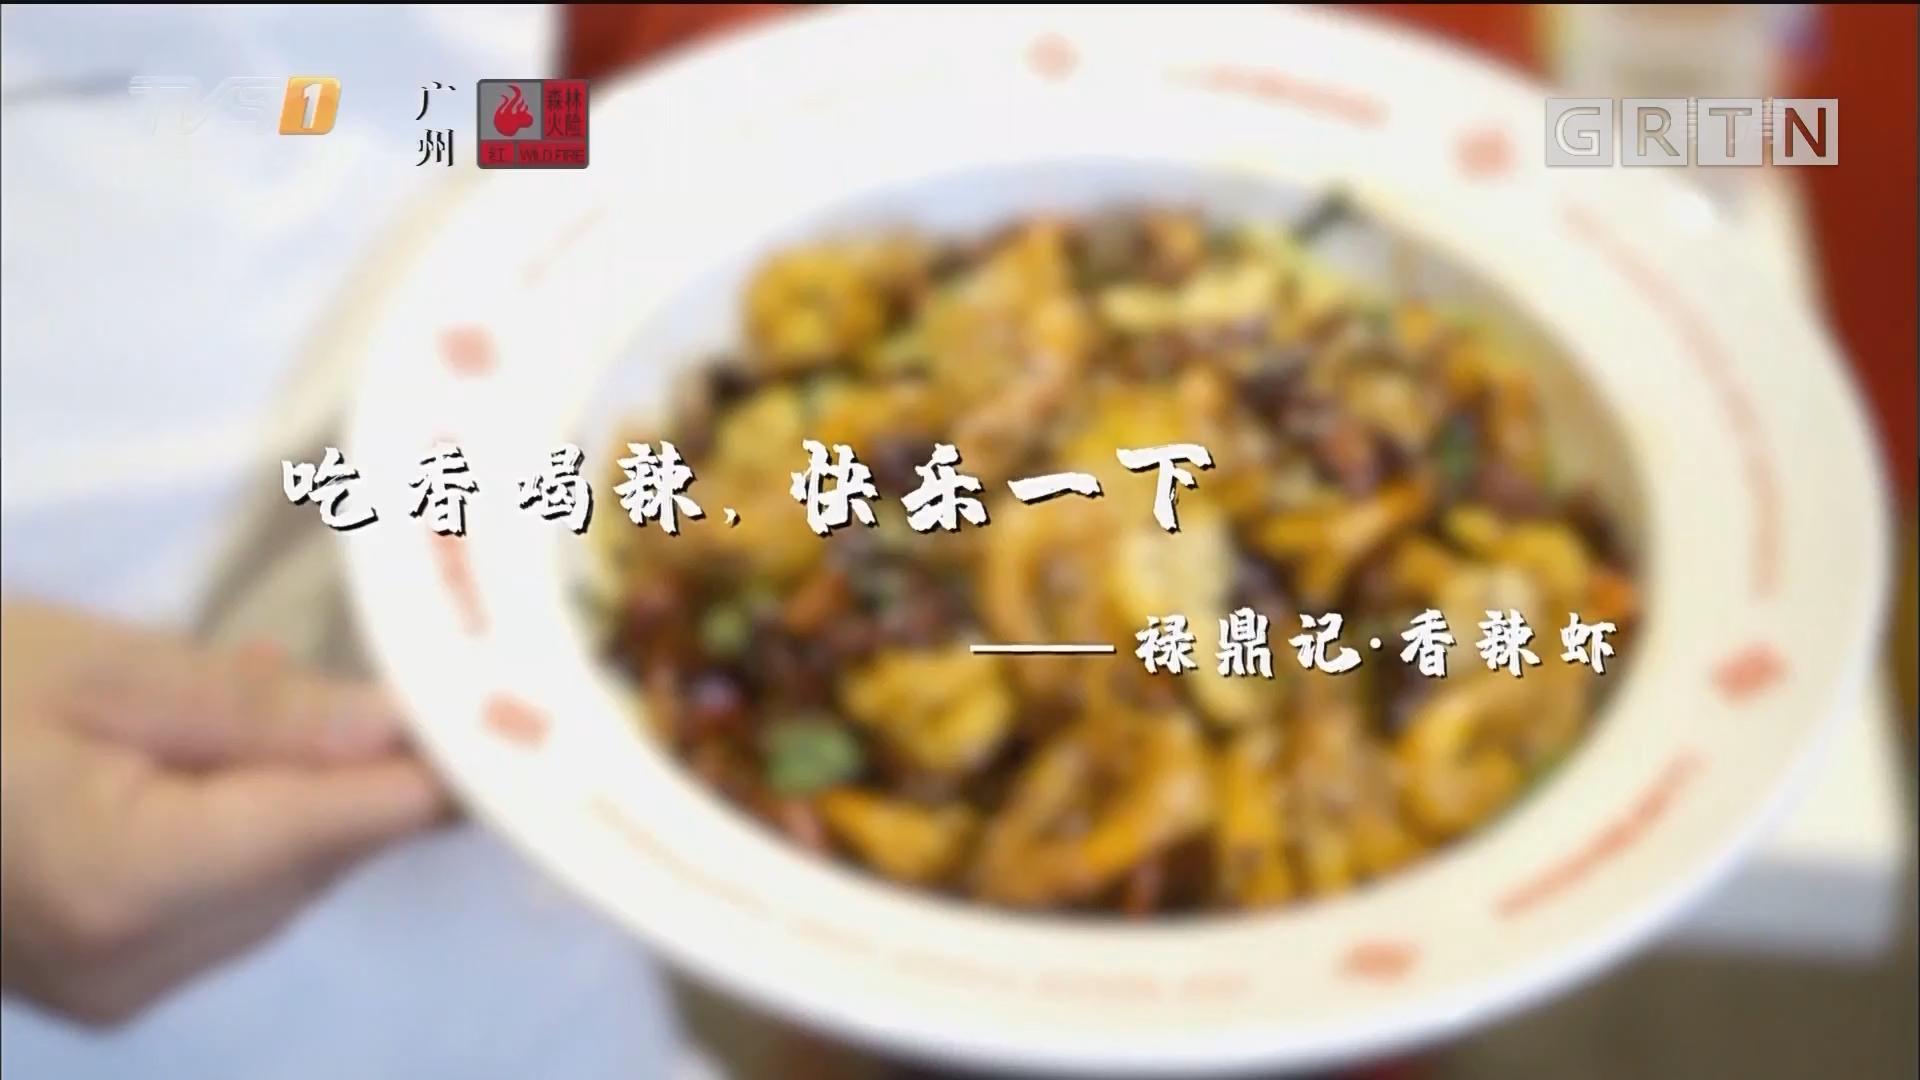 [HD][2019-11-26]美食特攻:禄鼎记·香辣虾